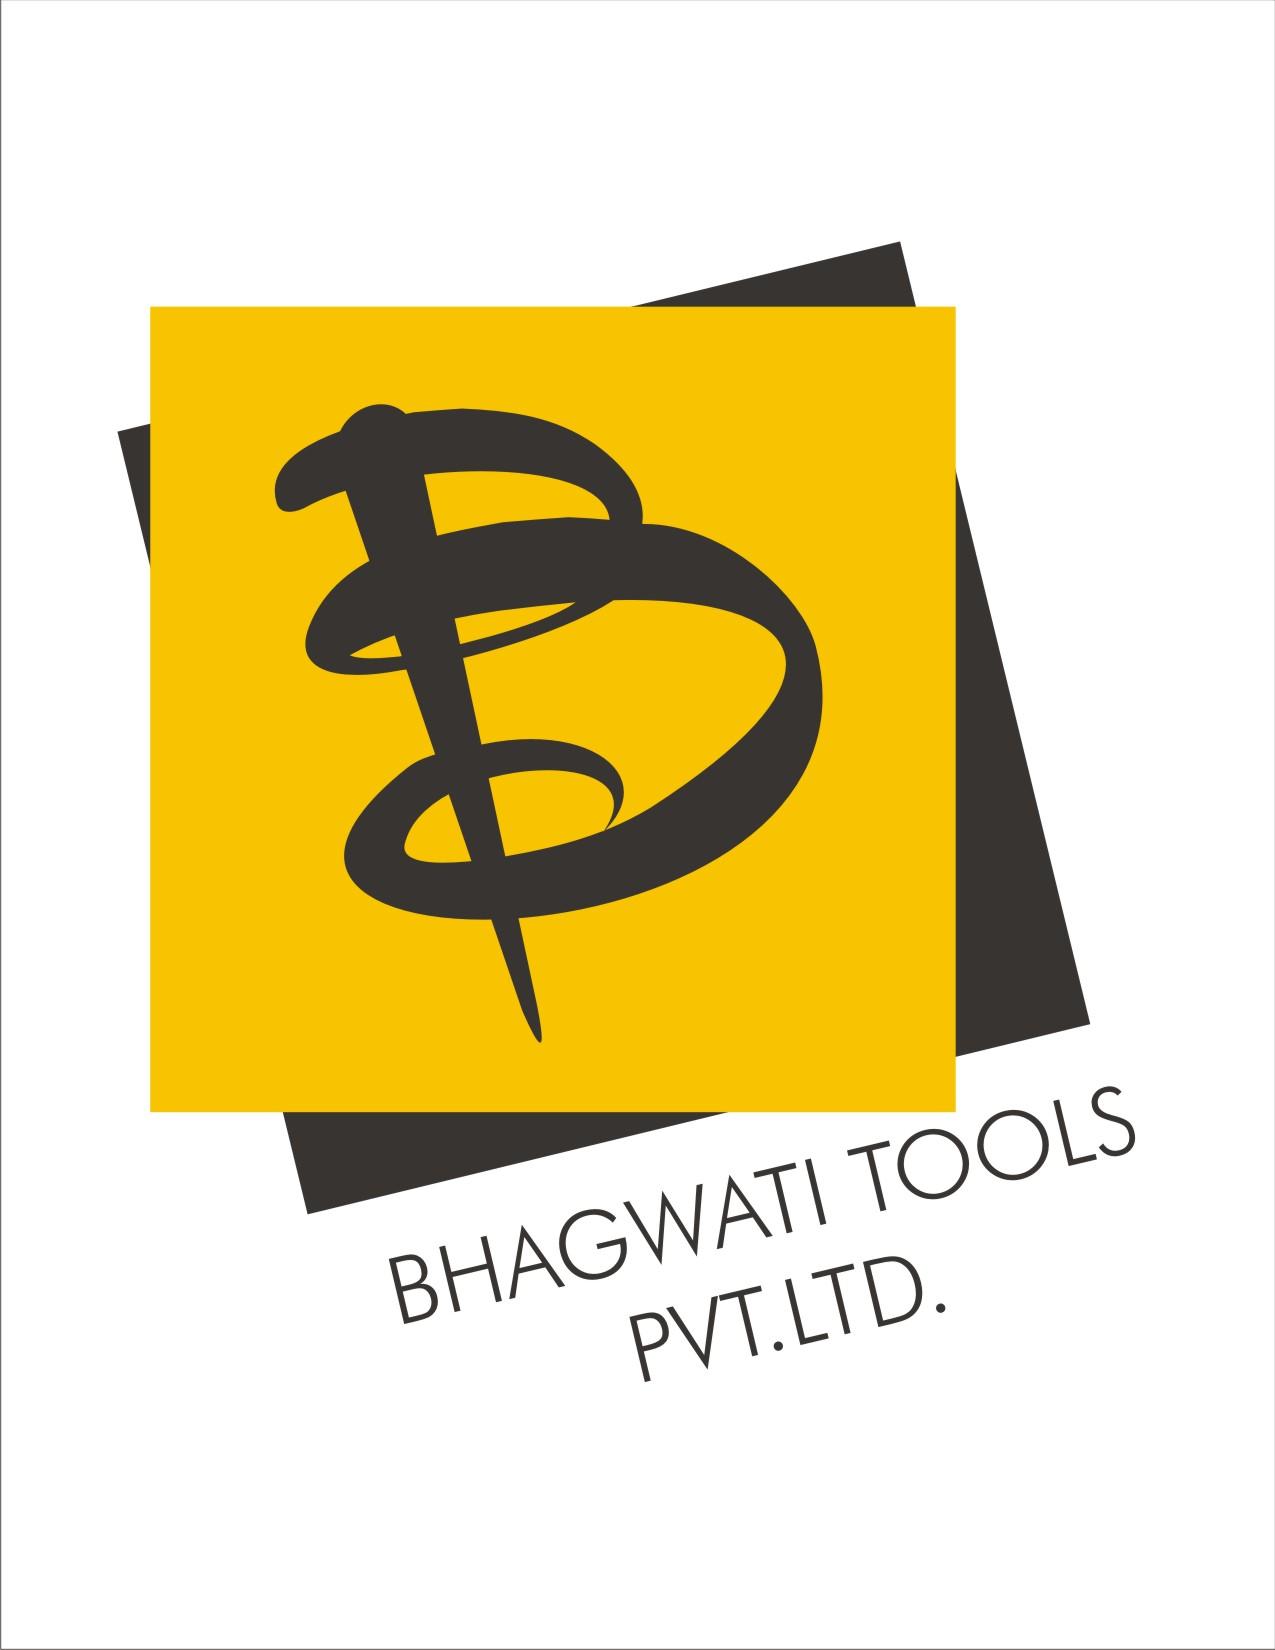 Bhagwati Tools Pvt Ltd